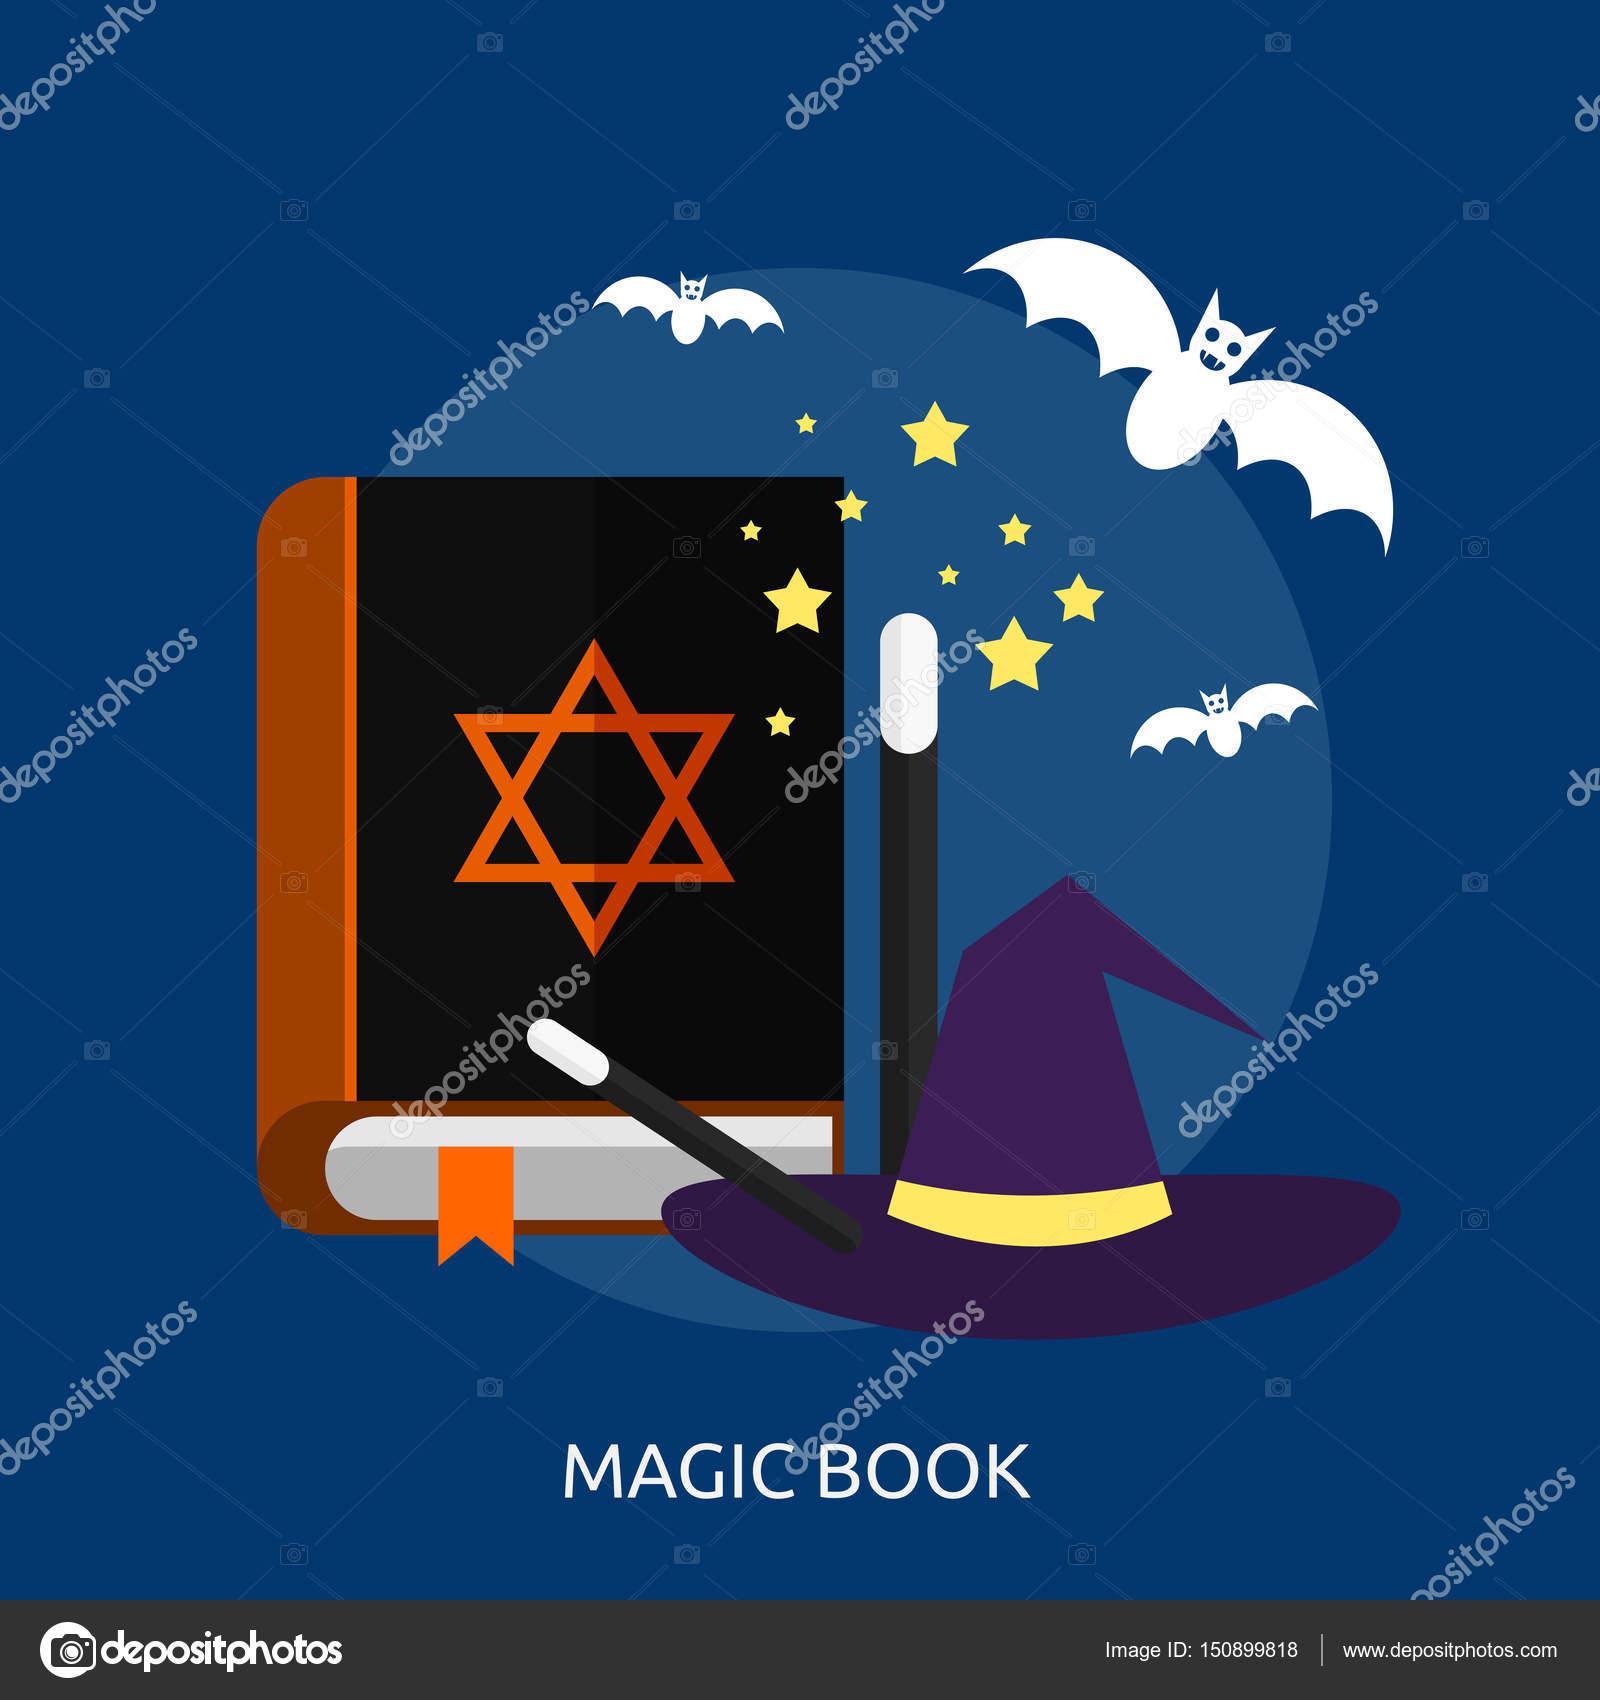 Livre De Magie Design Conceptuel Image Vectorielle